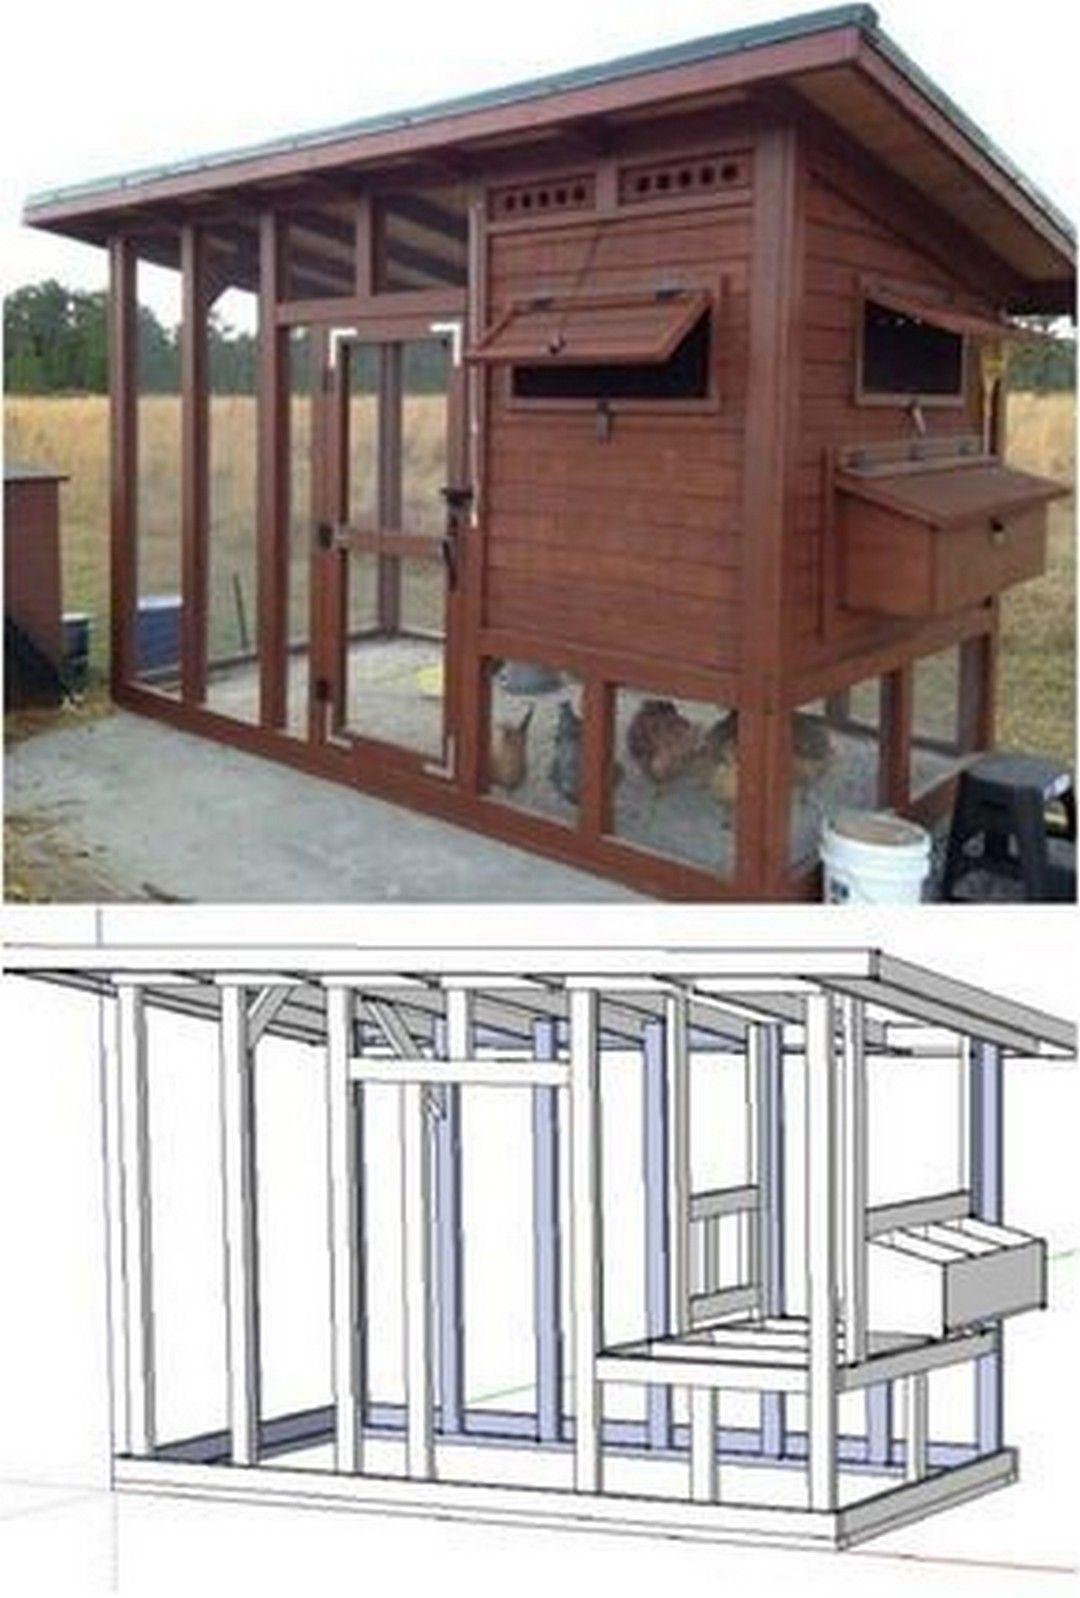 Portablechickencoops Diy Chicken Coop Plans Best Chicken Coop Diy Chicken Coop